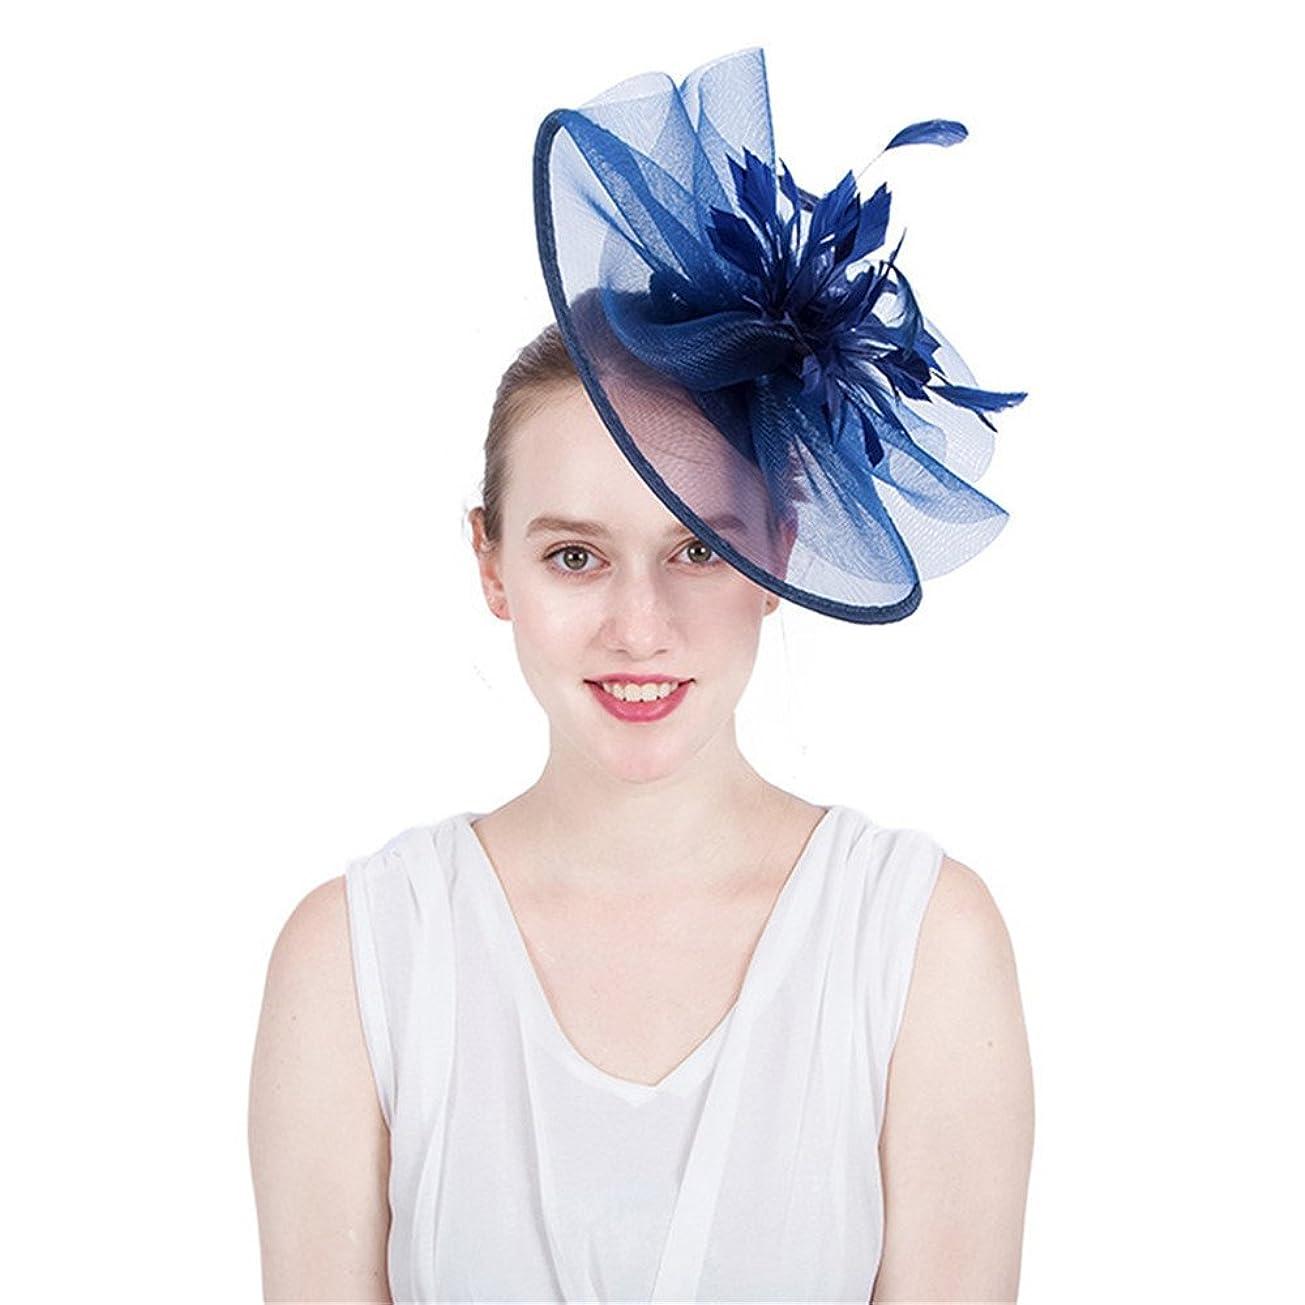 ちょっと待って偉業偽物女性の魅力的な帽子 女性のエレガントな魅惑的な帽子ブライダルフェザーヘッドドレスフラワーヘアクリップアクセサリーウェディングカクテルロイヤルアスコット (色 : 濃紺)